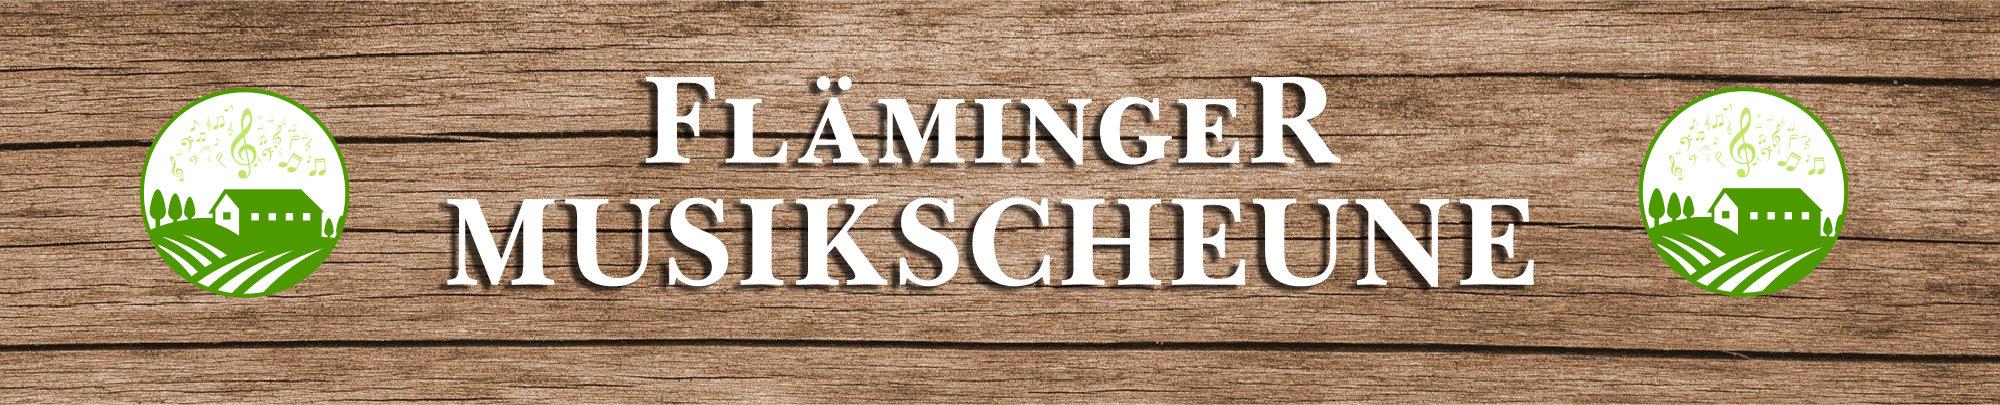 Fläminger Musikscheune